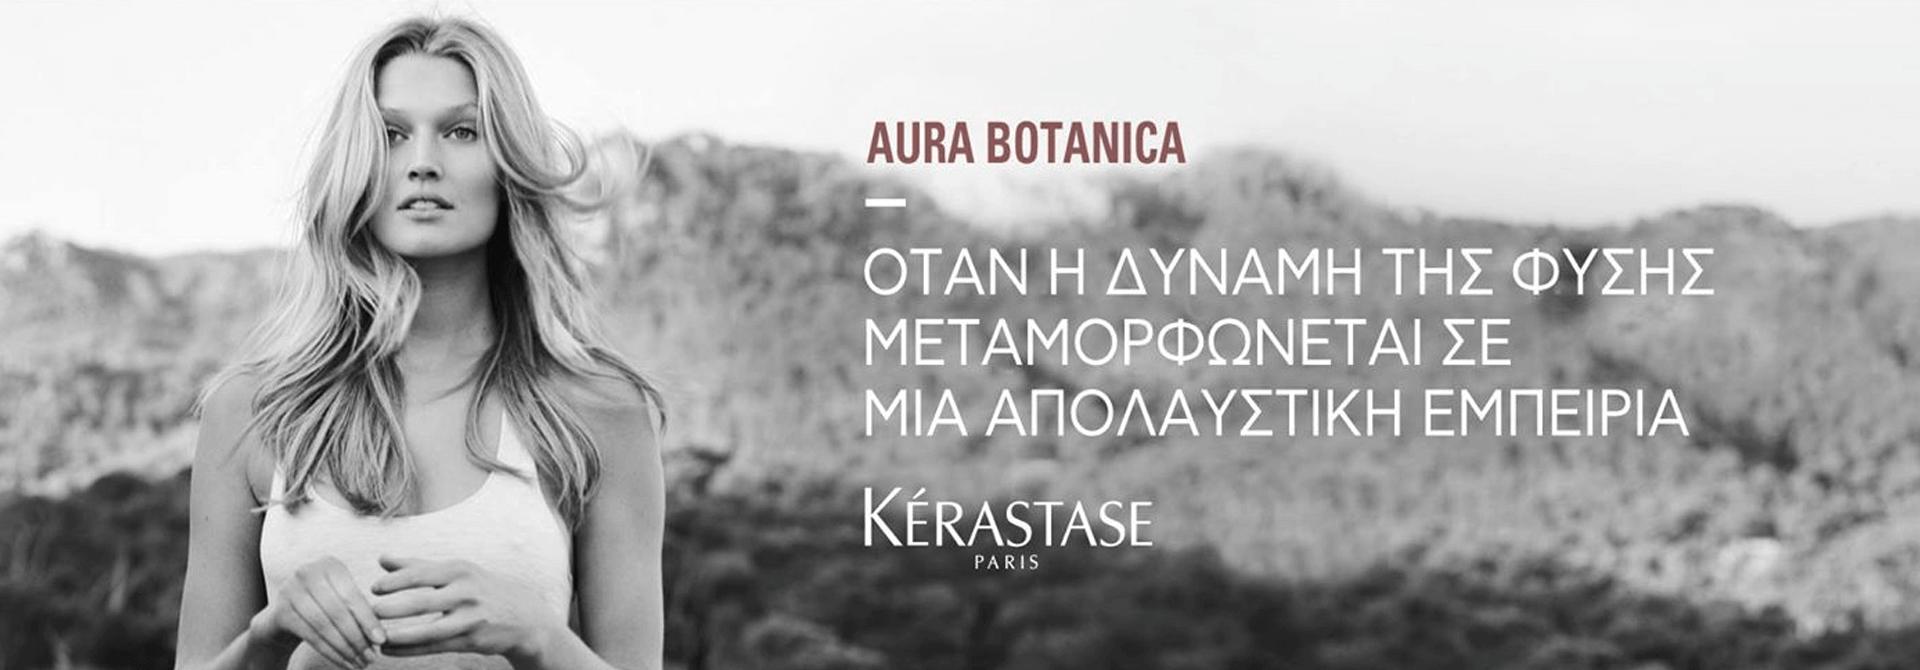 Kerastase Aura Botanica Le Tif